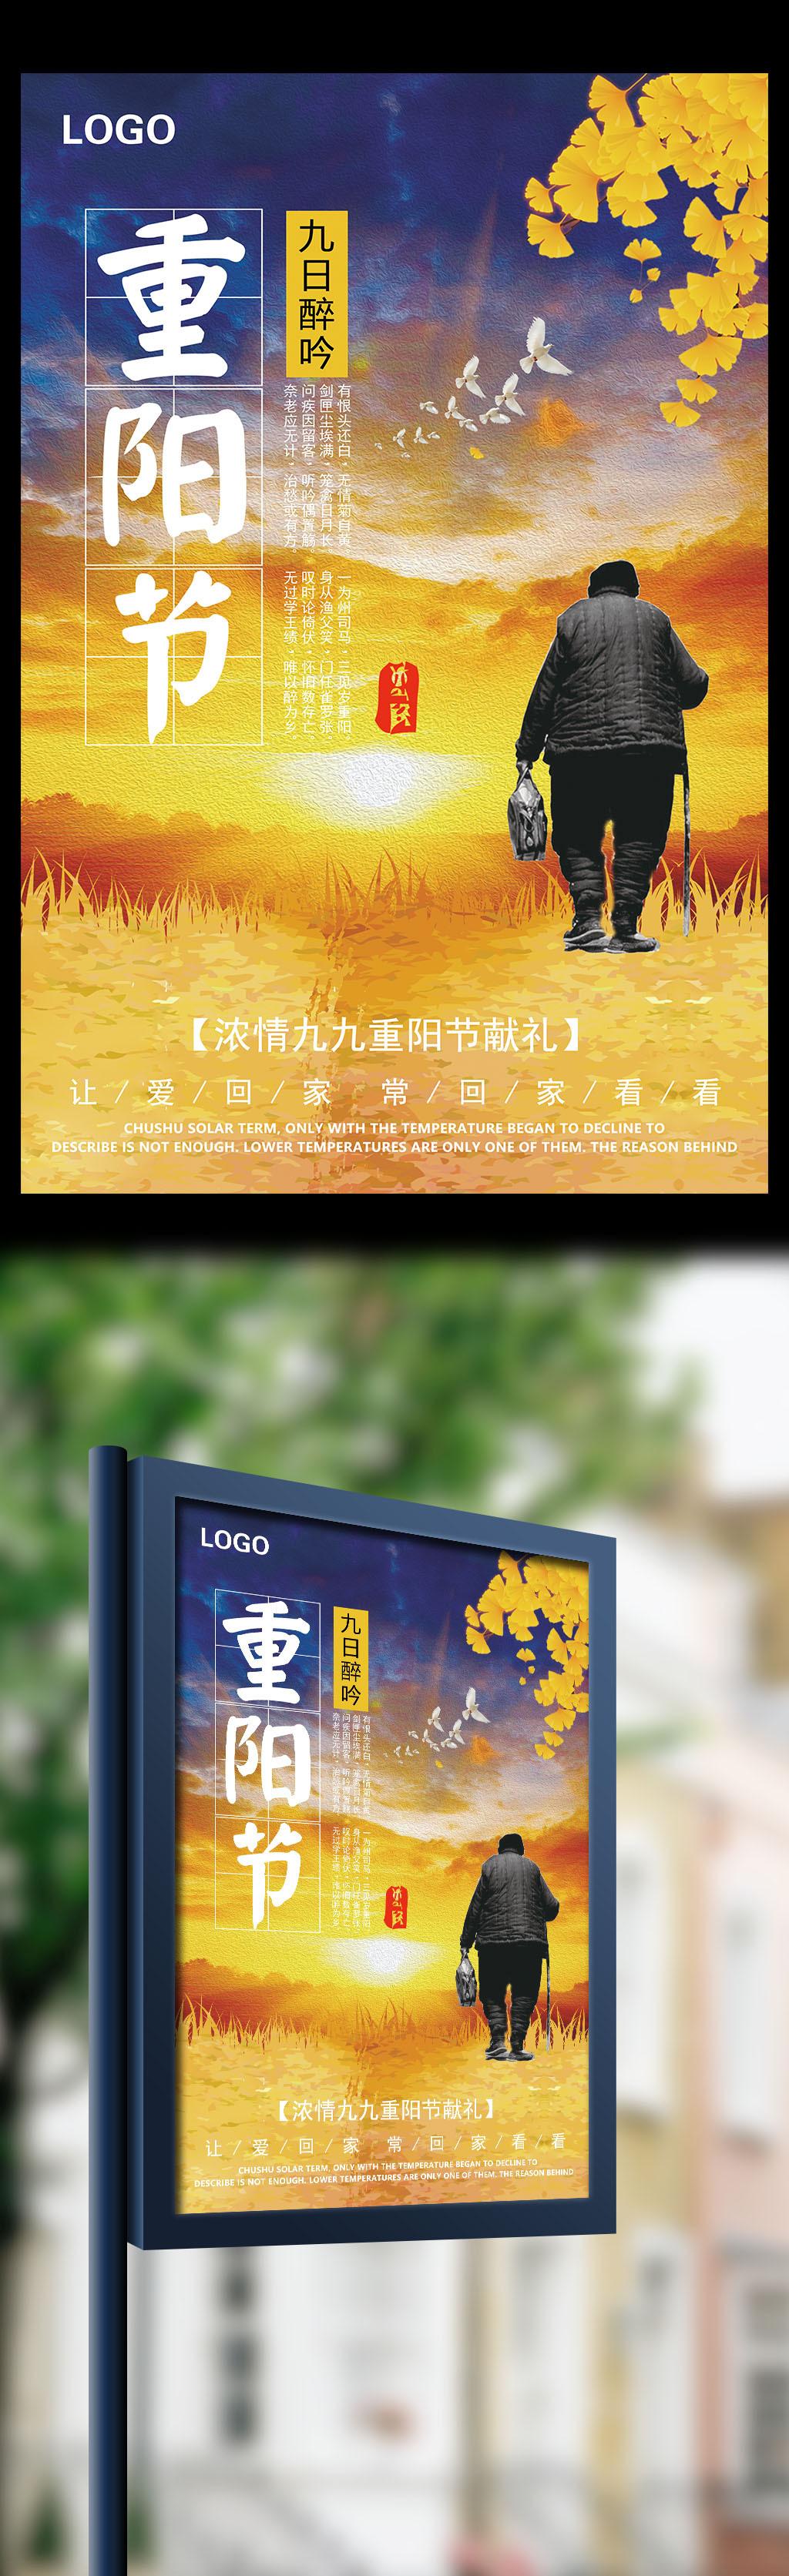 简约大气手绘风重阳节海报